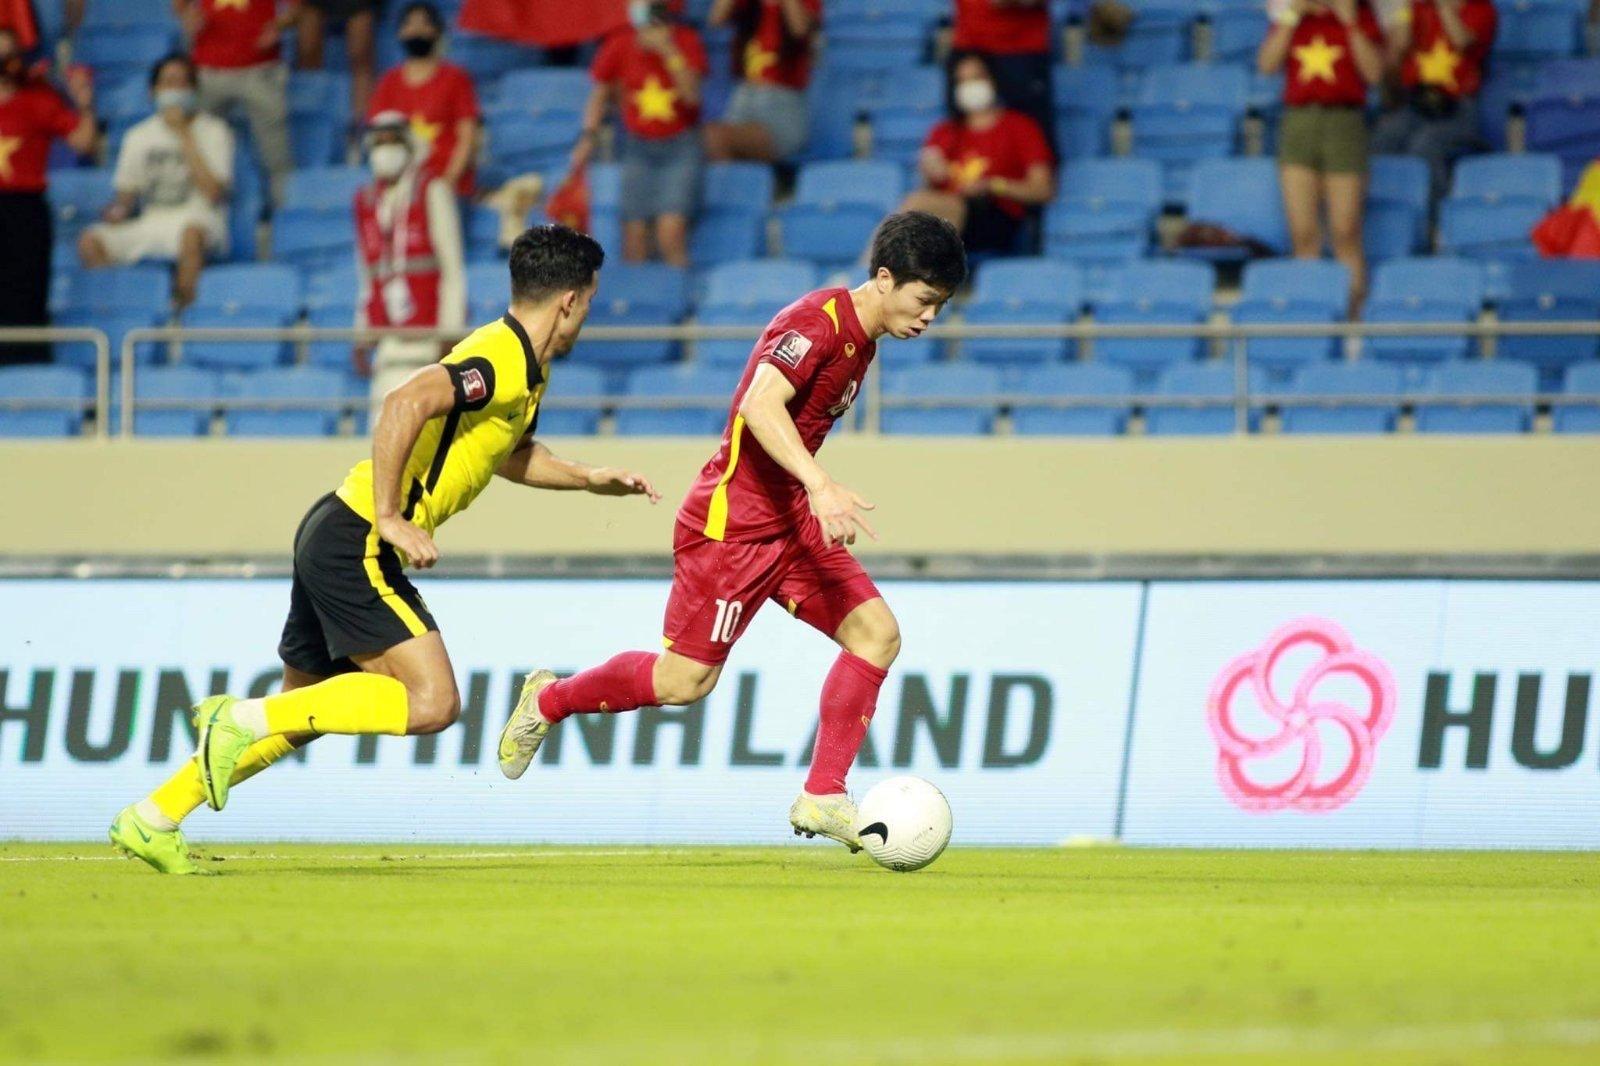 Thỏa thuận tài trợ toàn cầu sẽ bắt đầu từ trận đấu giữa Việt Nam và Trung Quốc ngày 8/10.